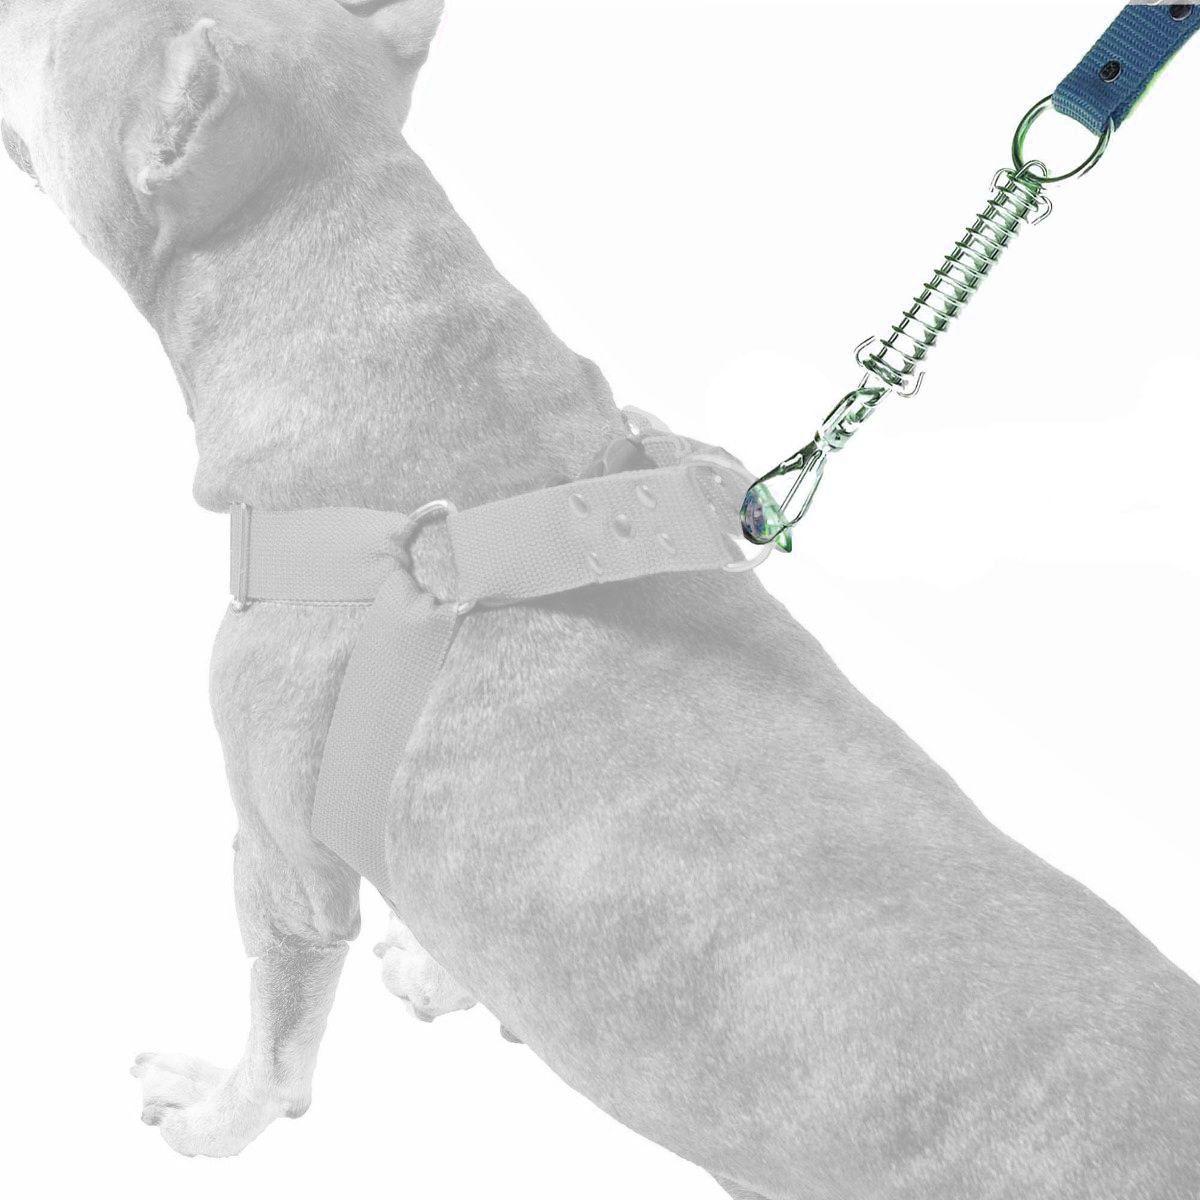 Guia Anti Puxão Com Mola de 1 Metro Resistente Para Cachorros de Maior Porte - Cor Azul